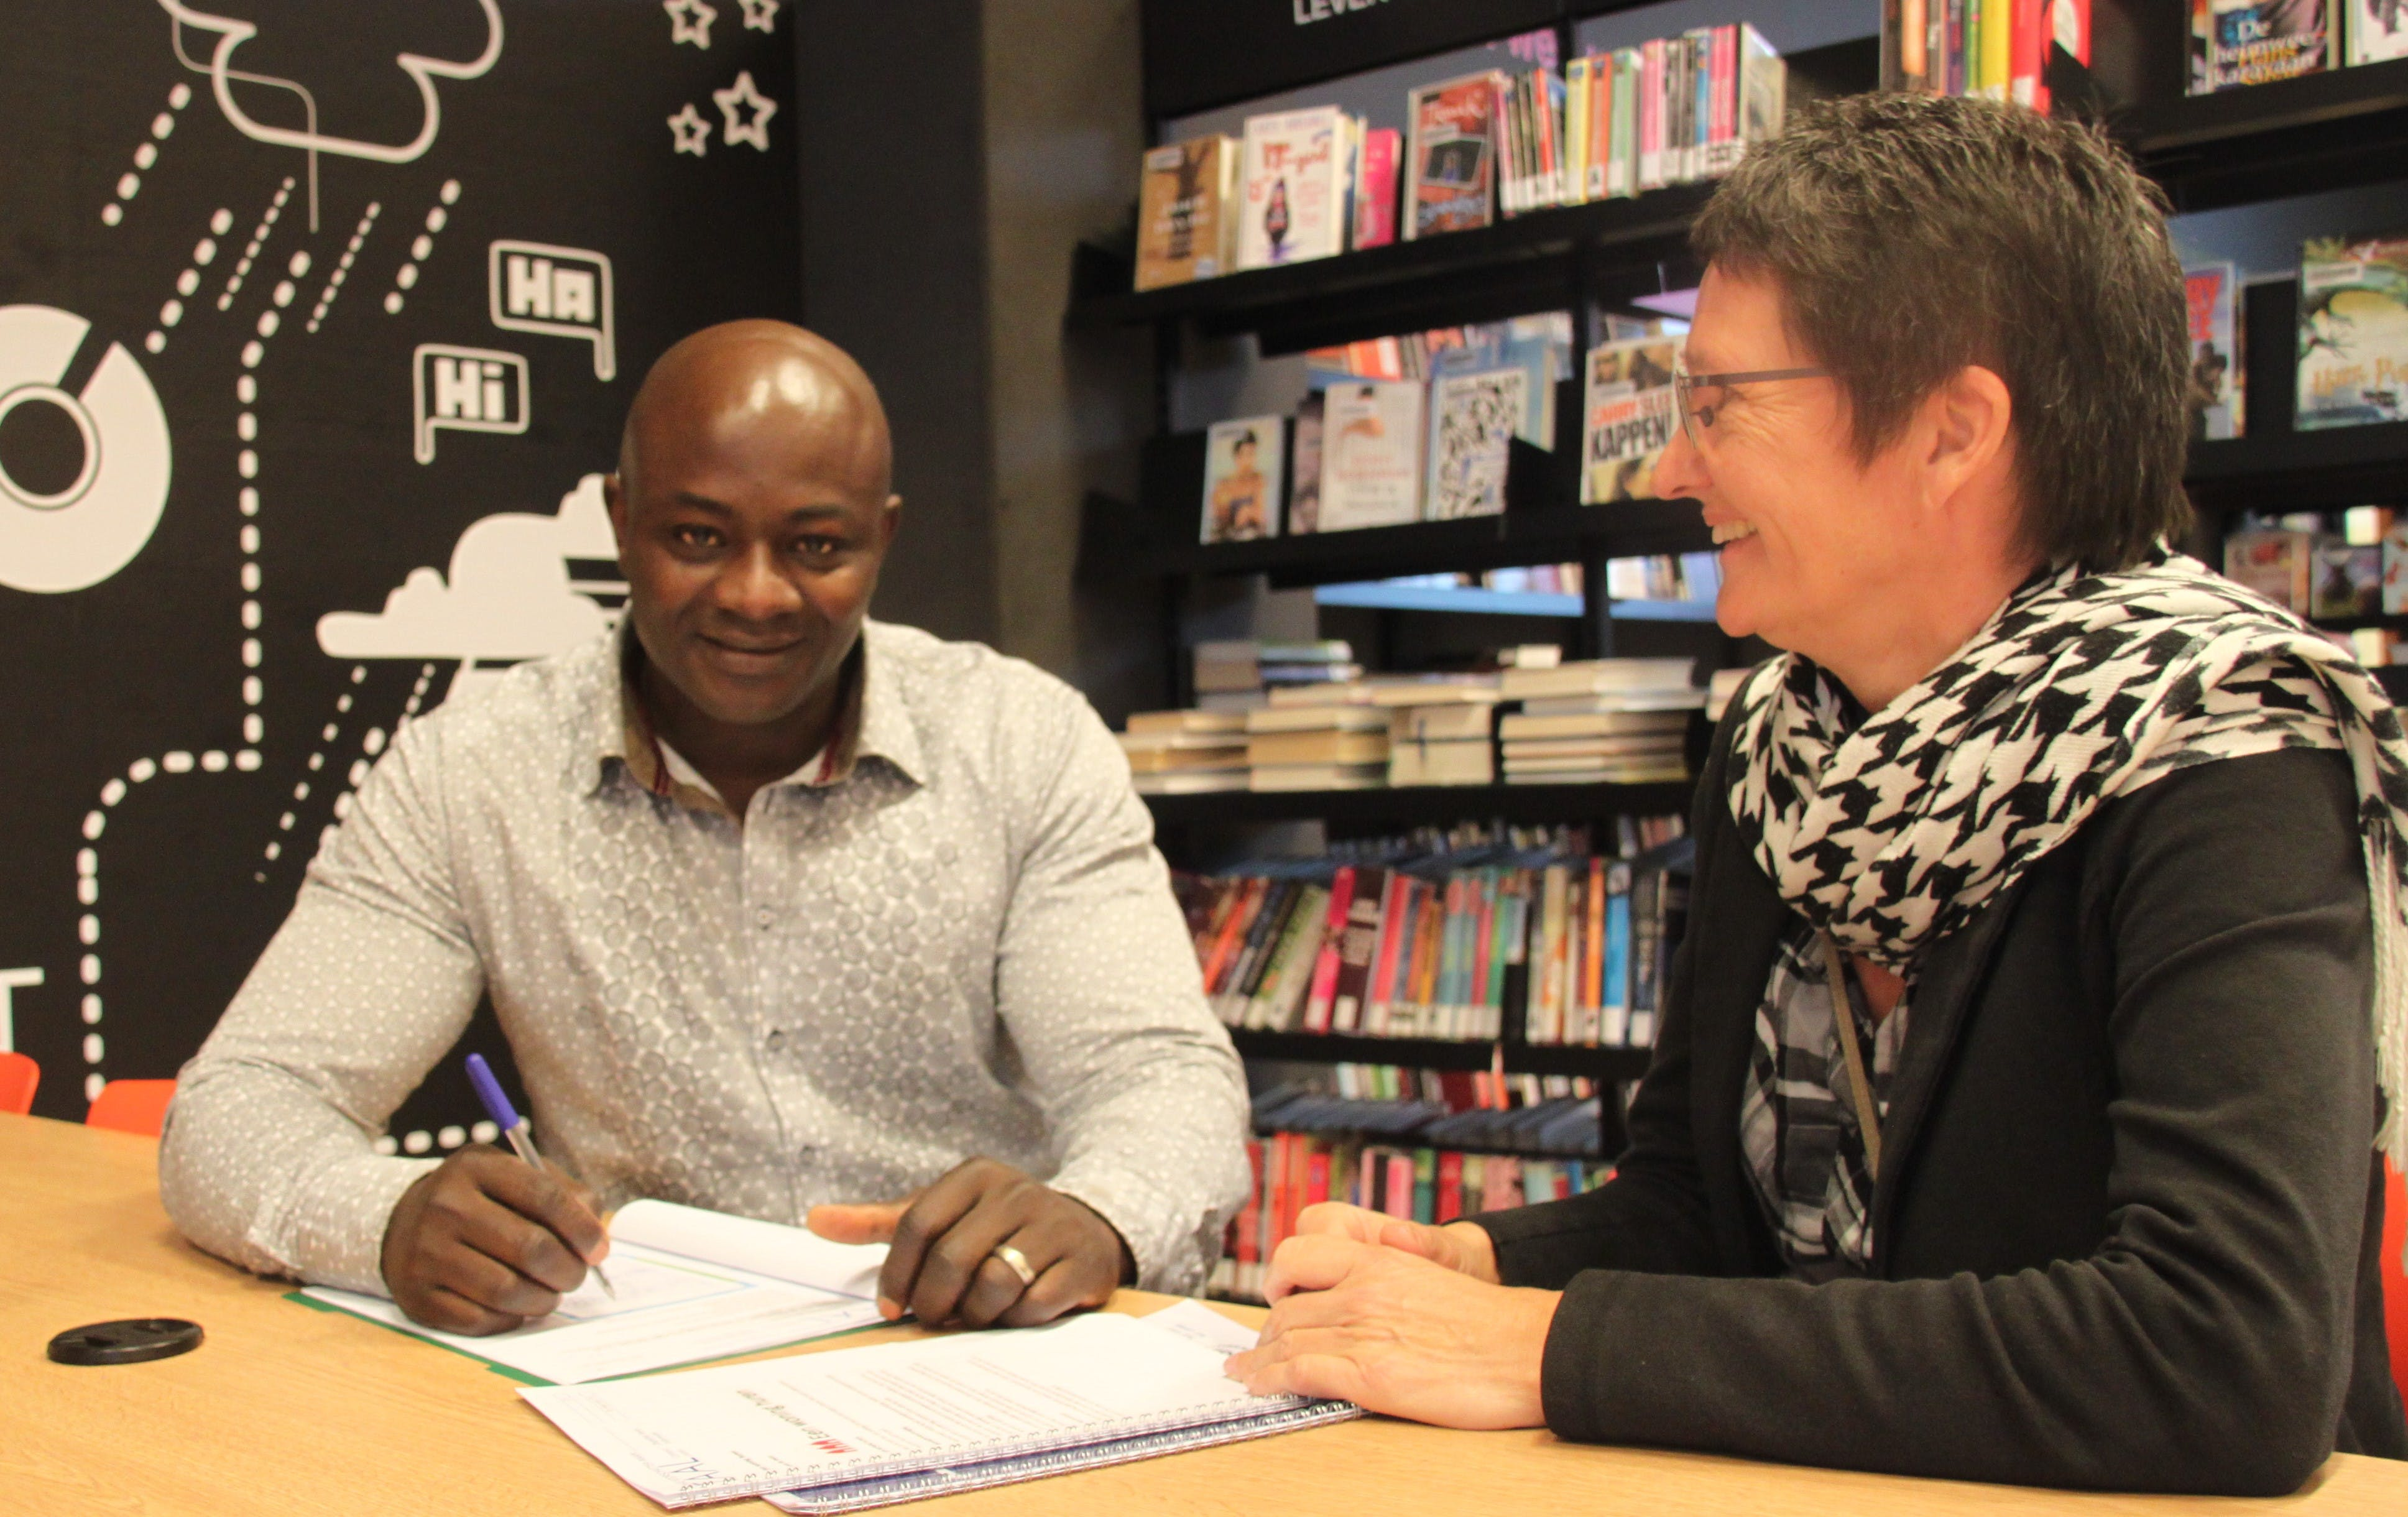 Wegwijzer taalaanbod Utrecht, bibliotheek Overvecht